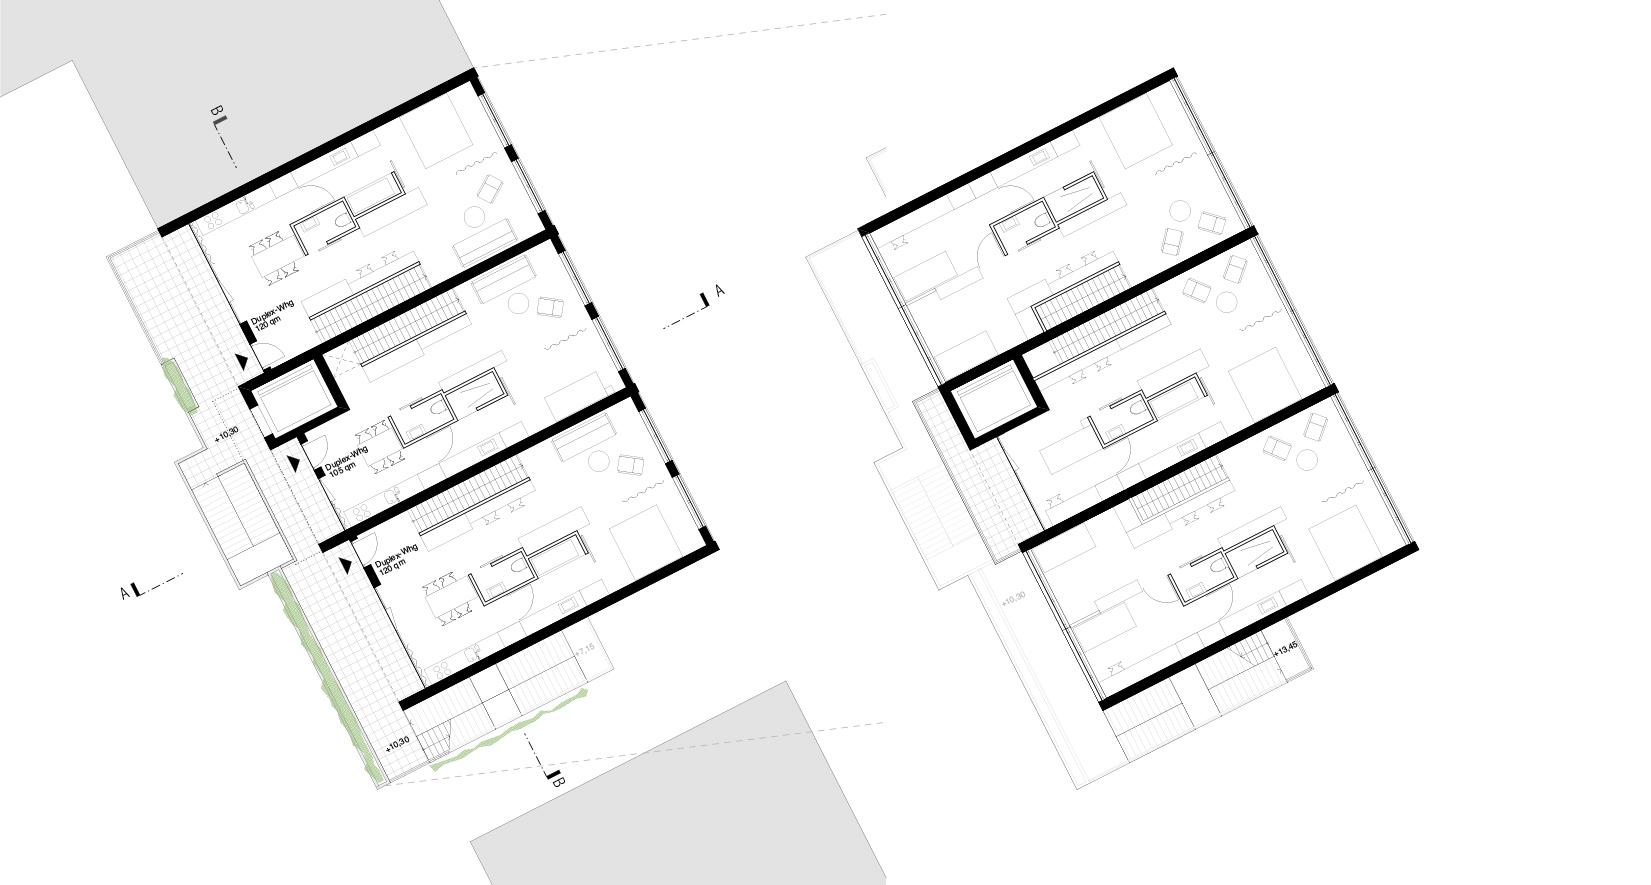 Neckarbogen Heilbronn Wohnhaus Wettbewerb Meili Peter dreisterneplus